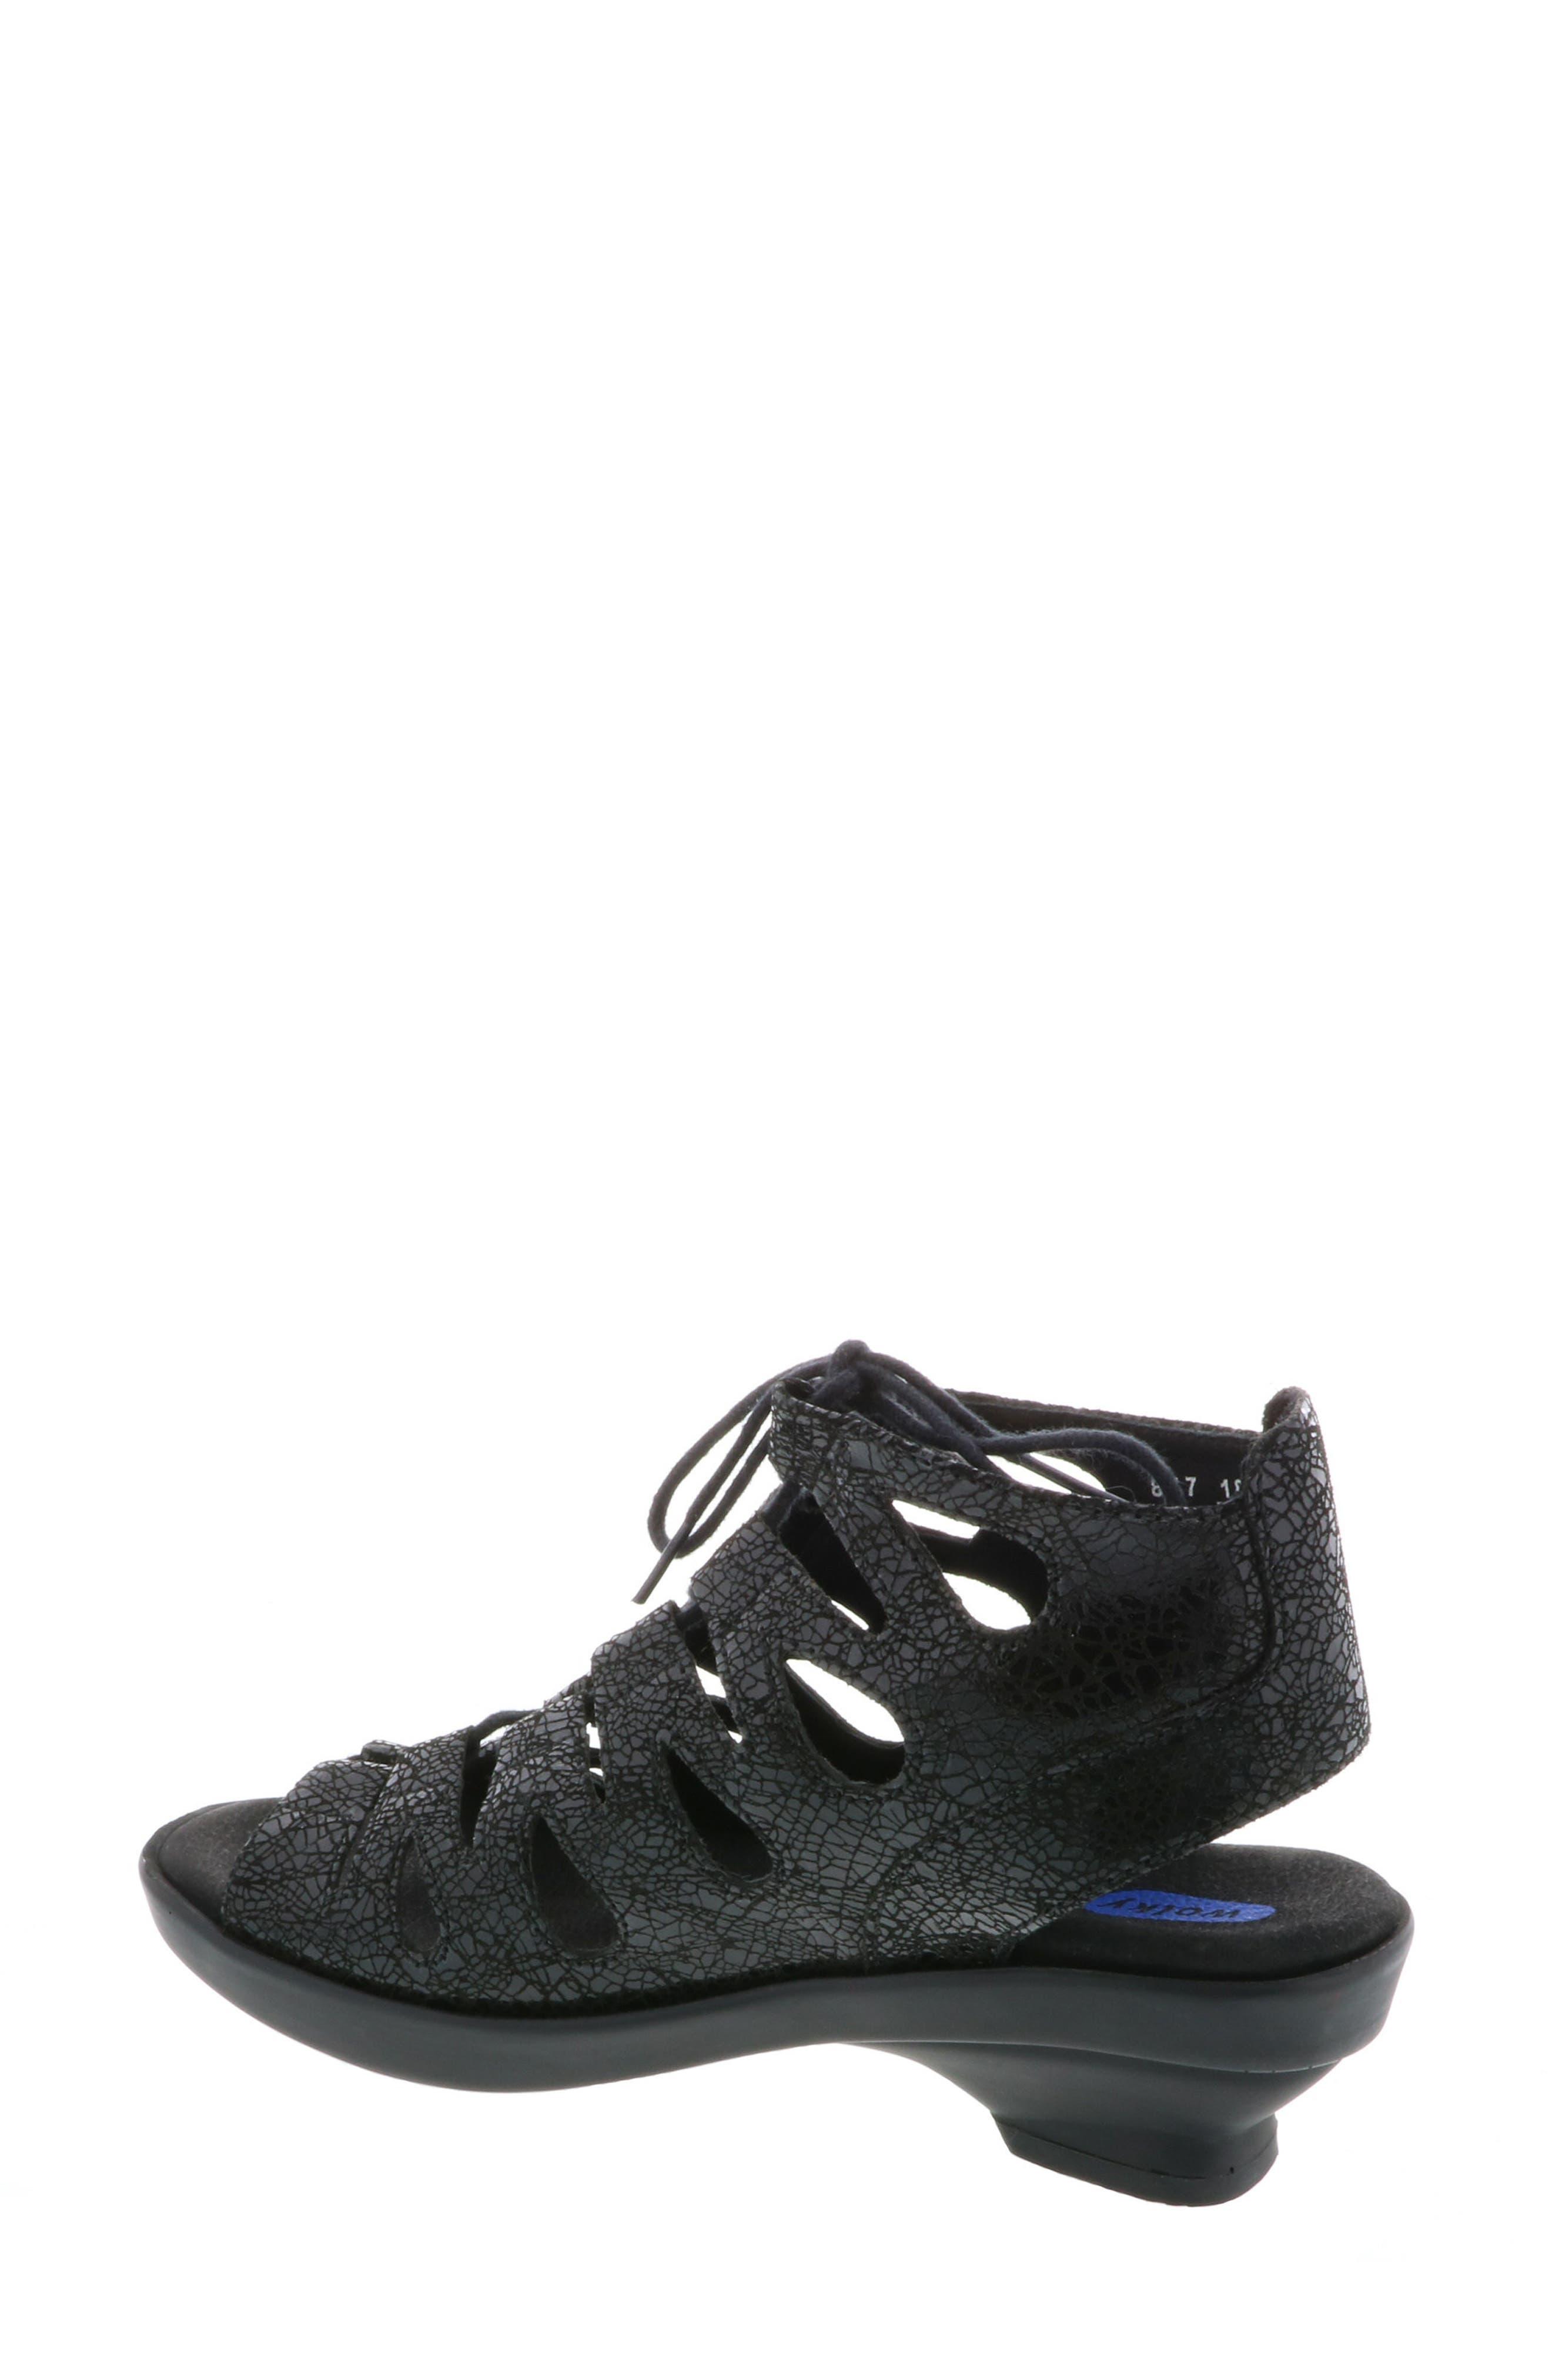 Seminyak Sandal,                             Alternate thumbnail 2, color,                             Black Suede